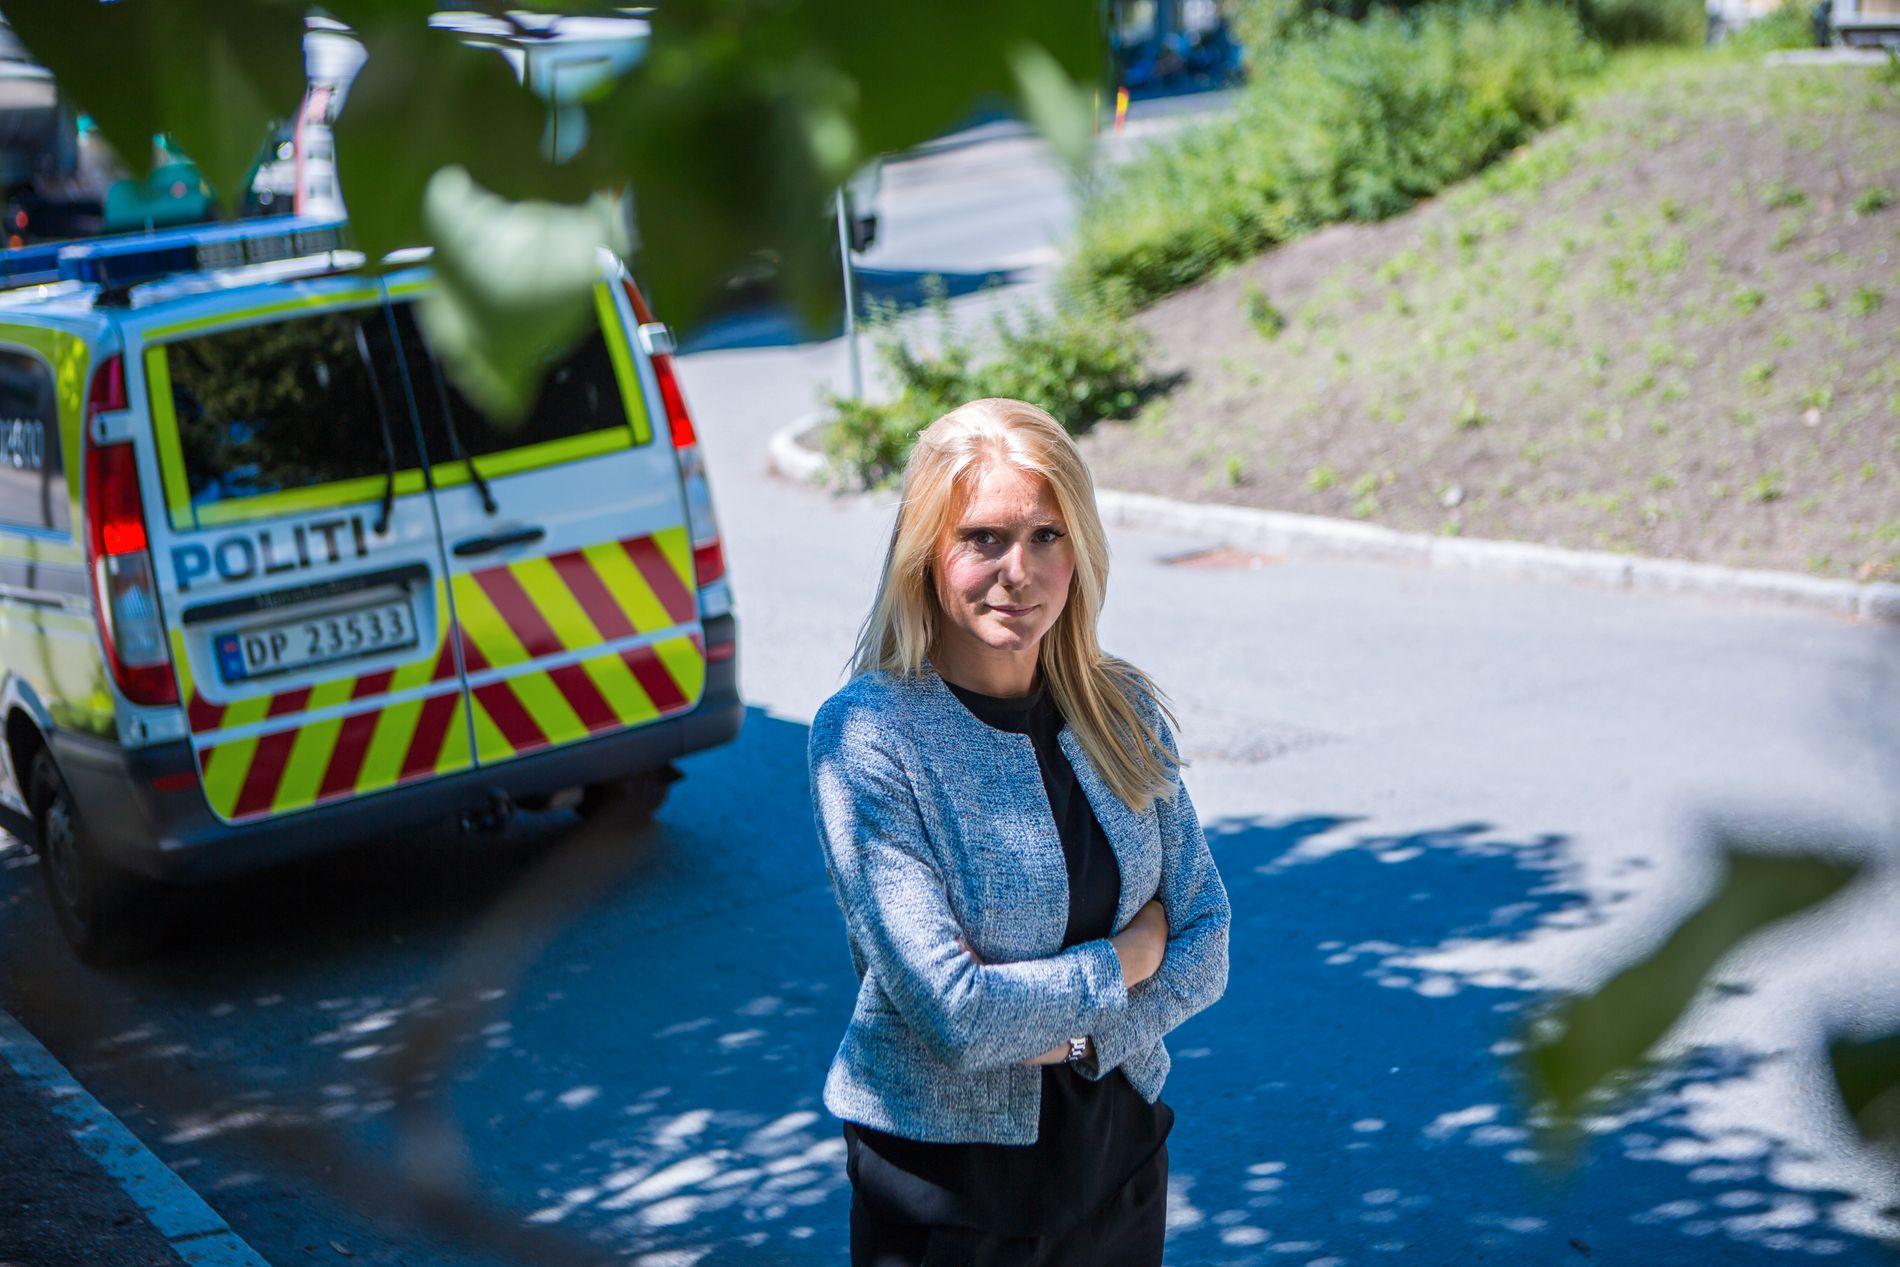 KRITISK: Advokat Silje Grimseth Ullebust i Haavind mener anbudsprosessen politiet fulgte har store svakheter ved seg. Her foran en politibil av en større type.